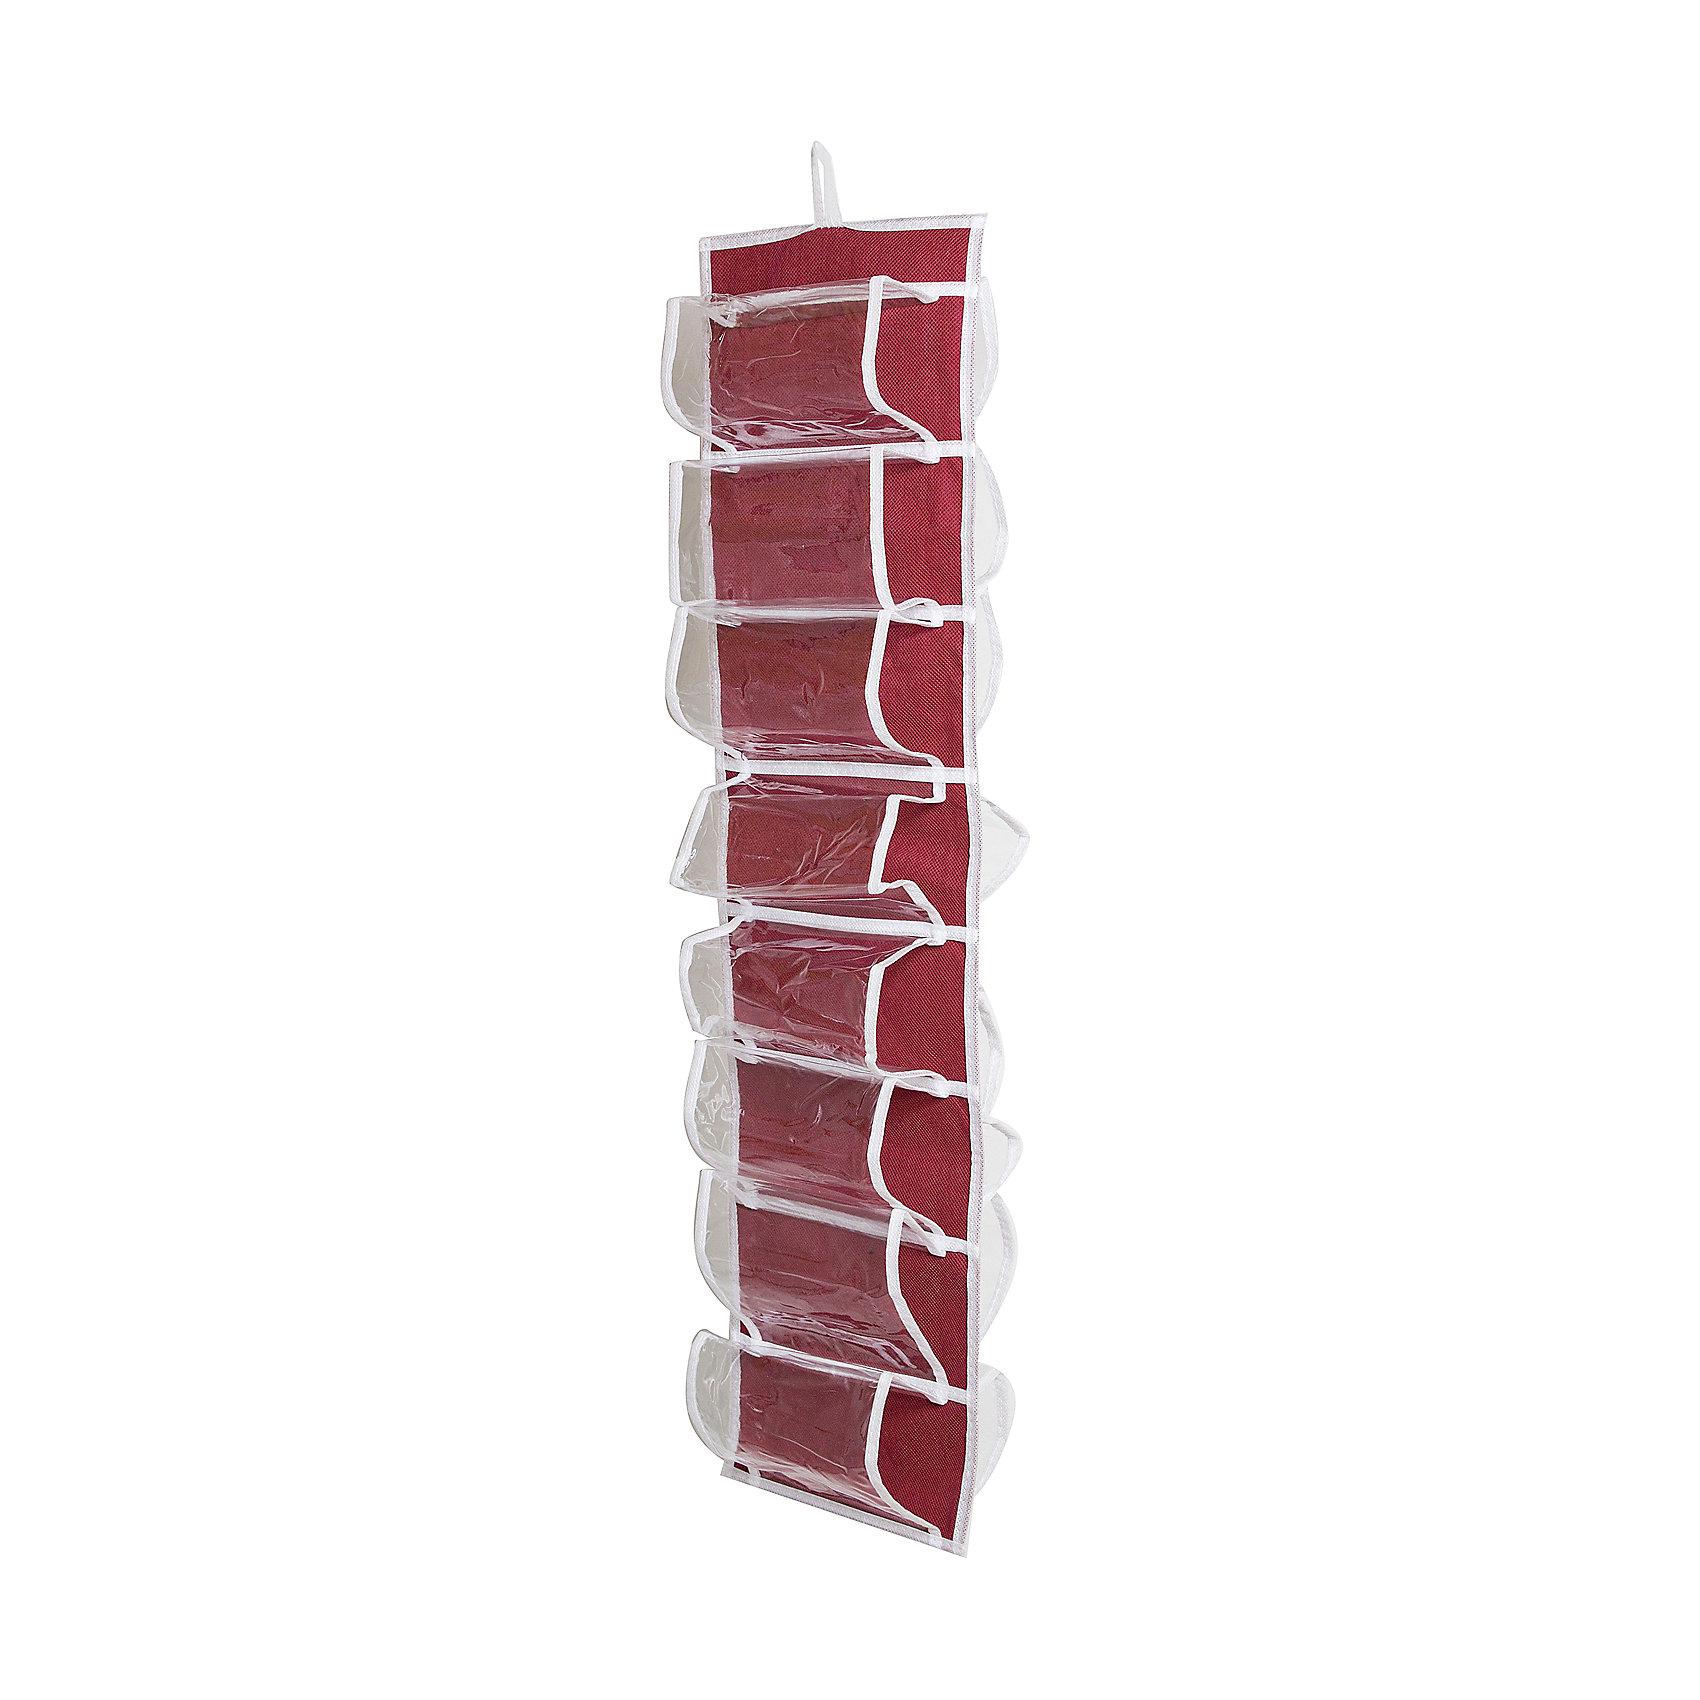 Органайзер для колготок, шарфов и мелочей Red Rose, HomsuПорядок в детской<br>Подвесной двусторонний органайзер имеет 16 раздельных ячеек размером 8Х15см, очень удобен для хранения мелких вещей в вашем шкафу. Идеально для колготок, шарфов, мелочей и других вещей ежедневного пользования.<br><br>Ширина мм: 300<br>Глубина мм: 220<br>Высота мм: 20<br>Вес г: 200<br>Возраст от месяцев: 216<br>Возраст до месяцев: 1188<br>Пол: Унисекс<br>Возраст: Детский<br>SKU: 5620234